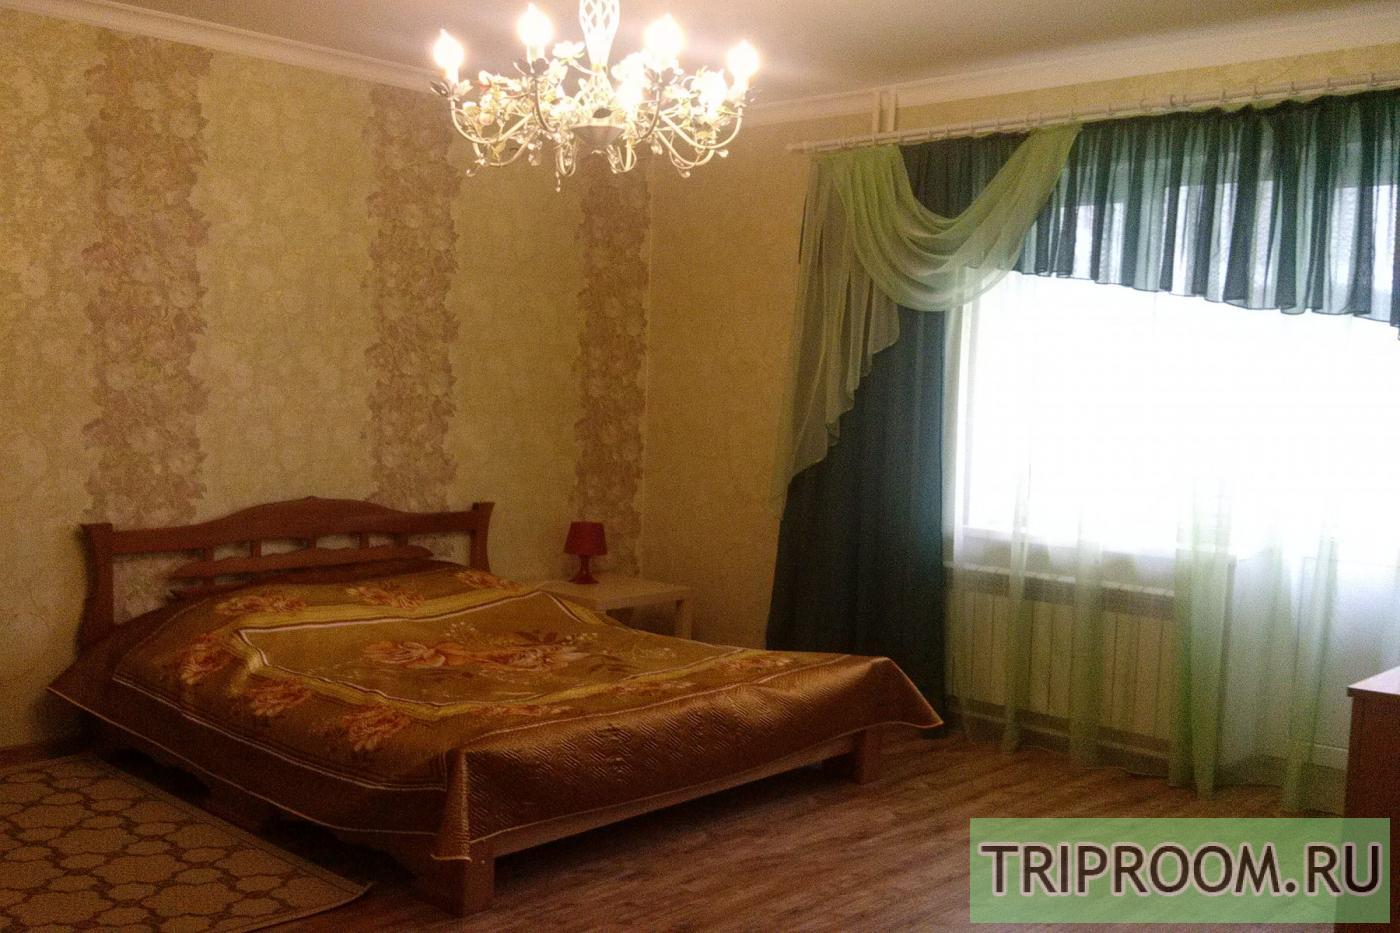 1-комнатная квартира посуточно (вариант № 17333), ул. Селезнева улица, фото № 1